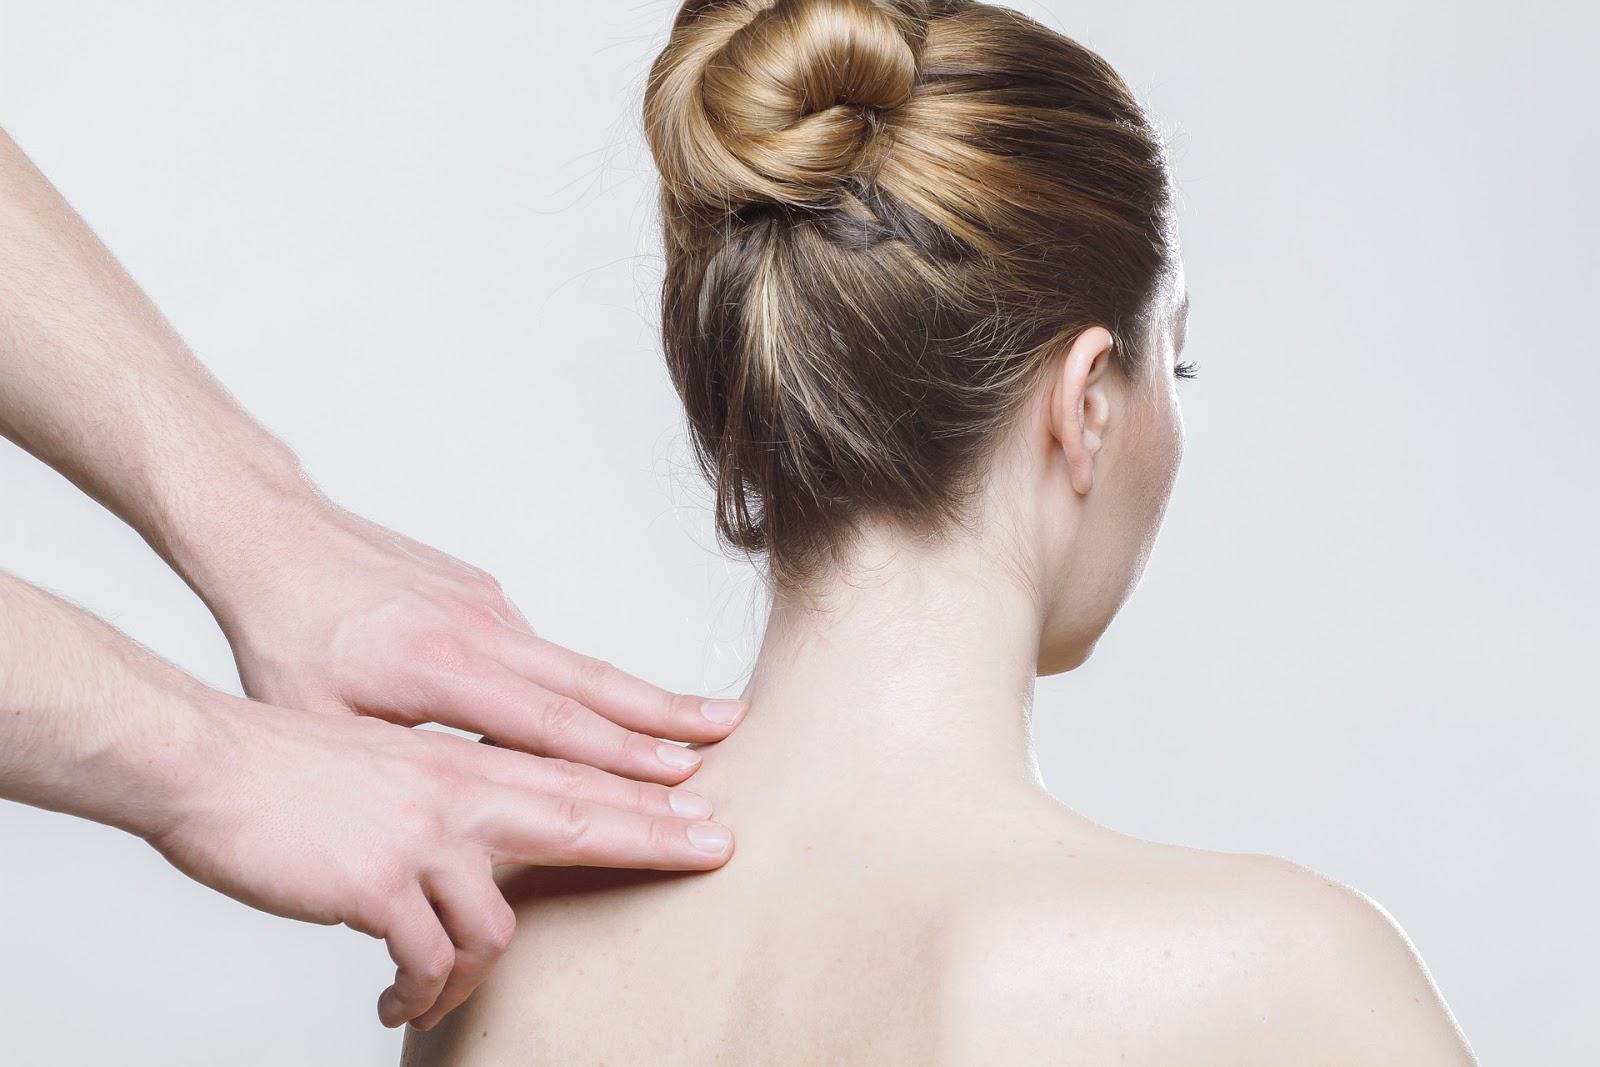 Benessere: il massaggio decontratturante (prima parte)